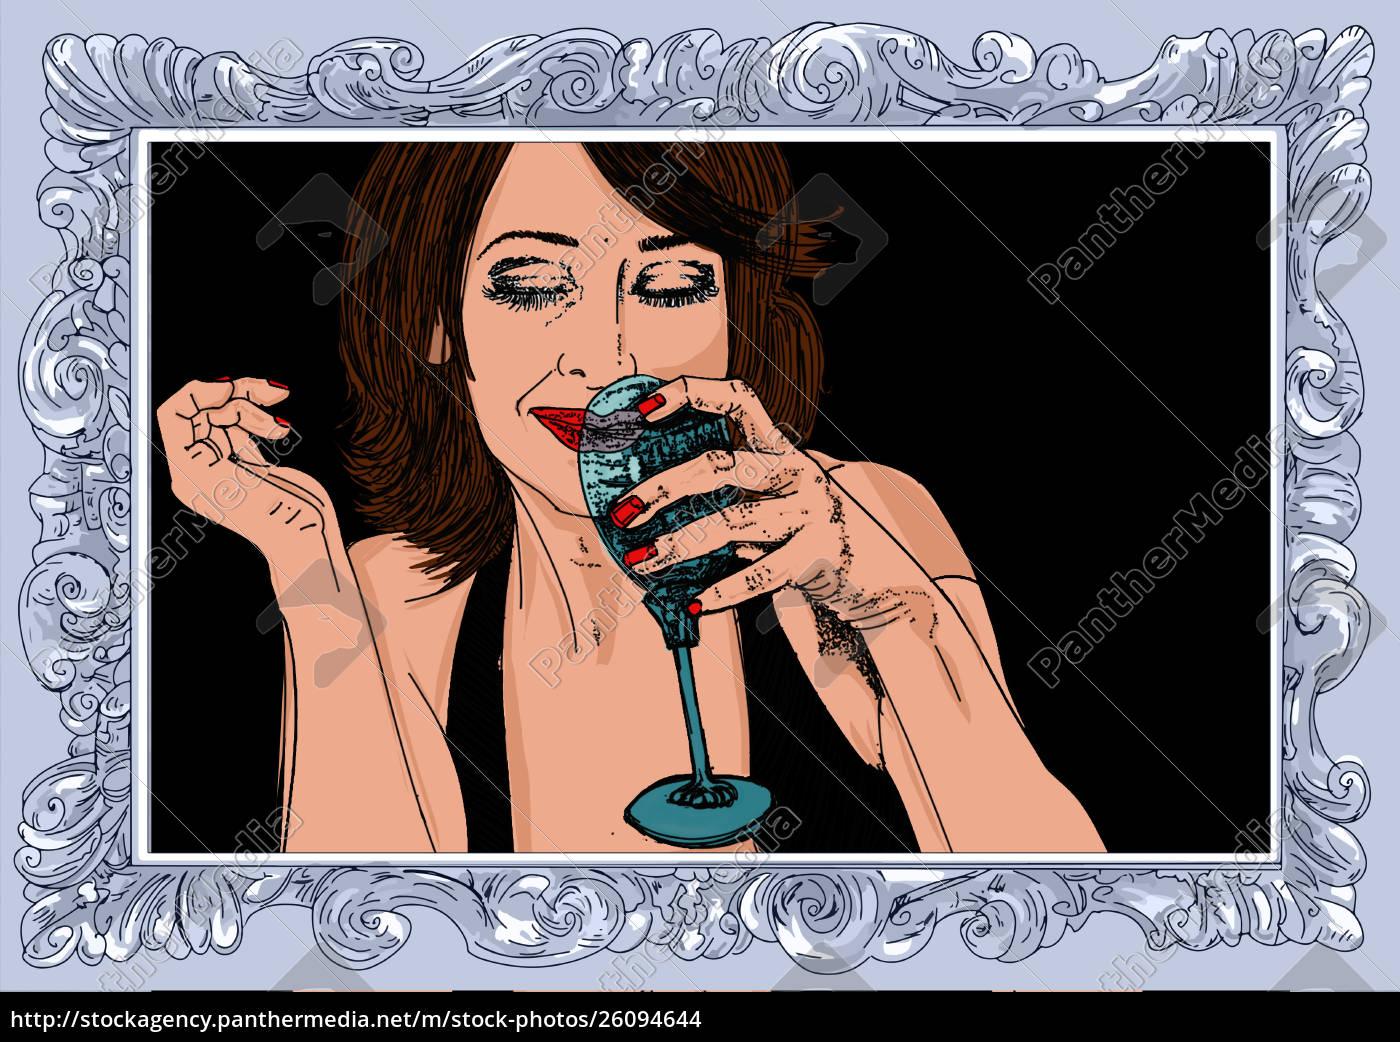 , kobieta, erotyczne, , wyrafinowana, i, zmysłowa - 26094644